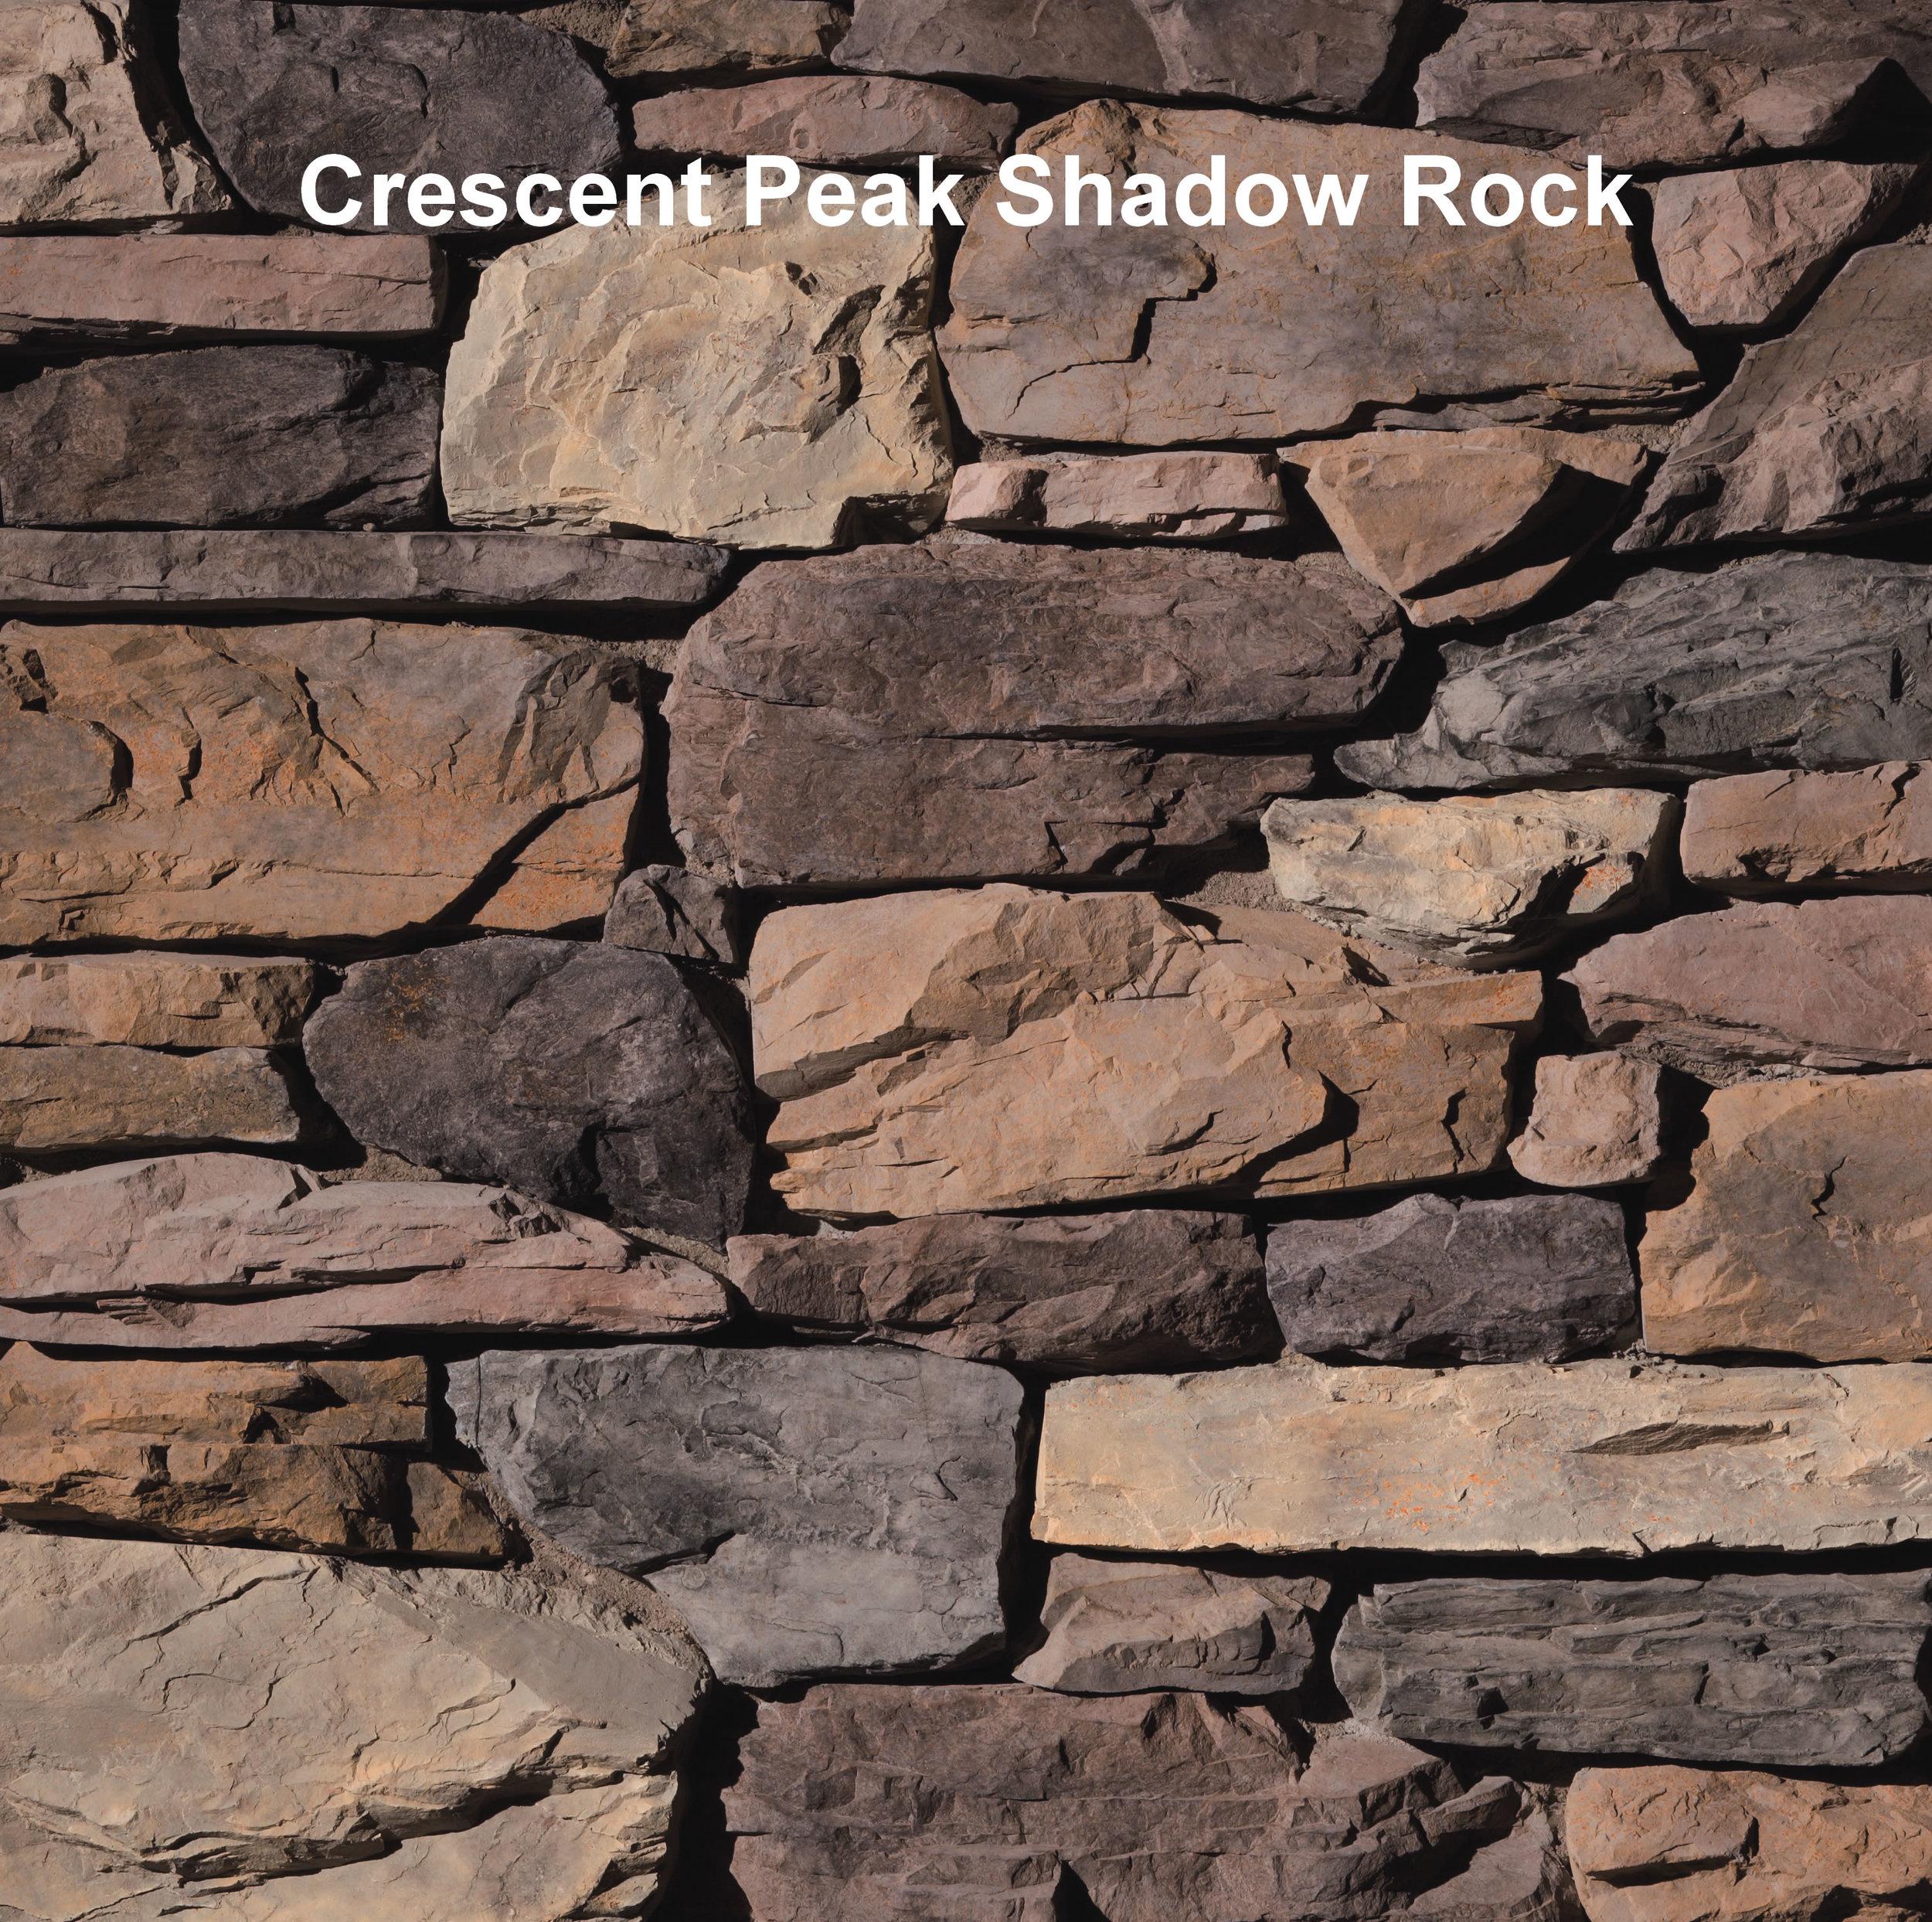 ES_Shadow Rock_Crescent Peak_profile_east.jpg